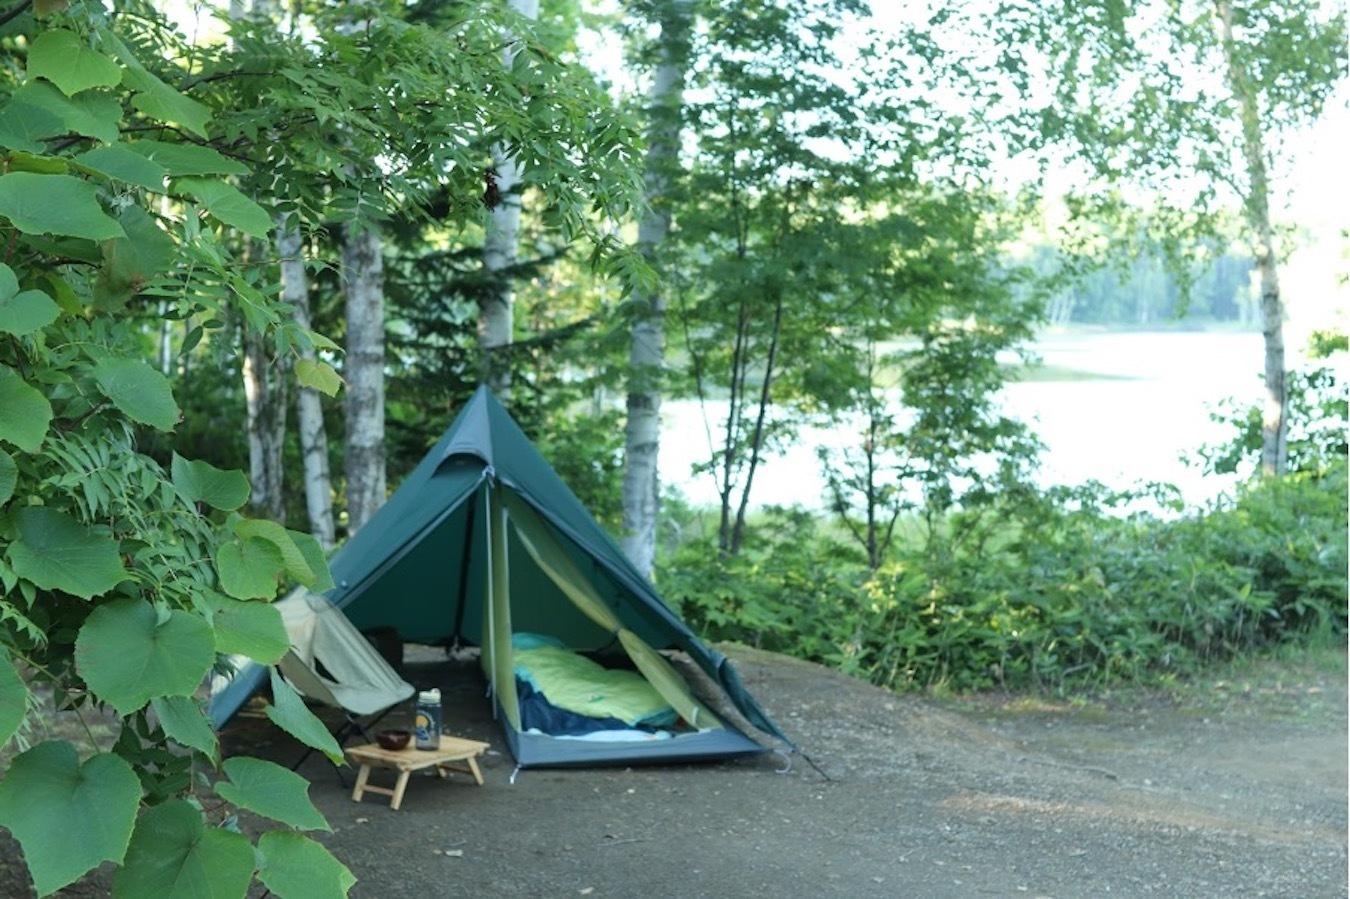 キャンプ場の選び方と事前に準備しておくこと